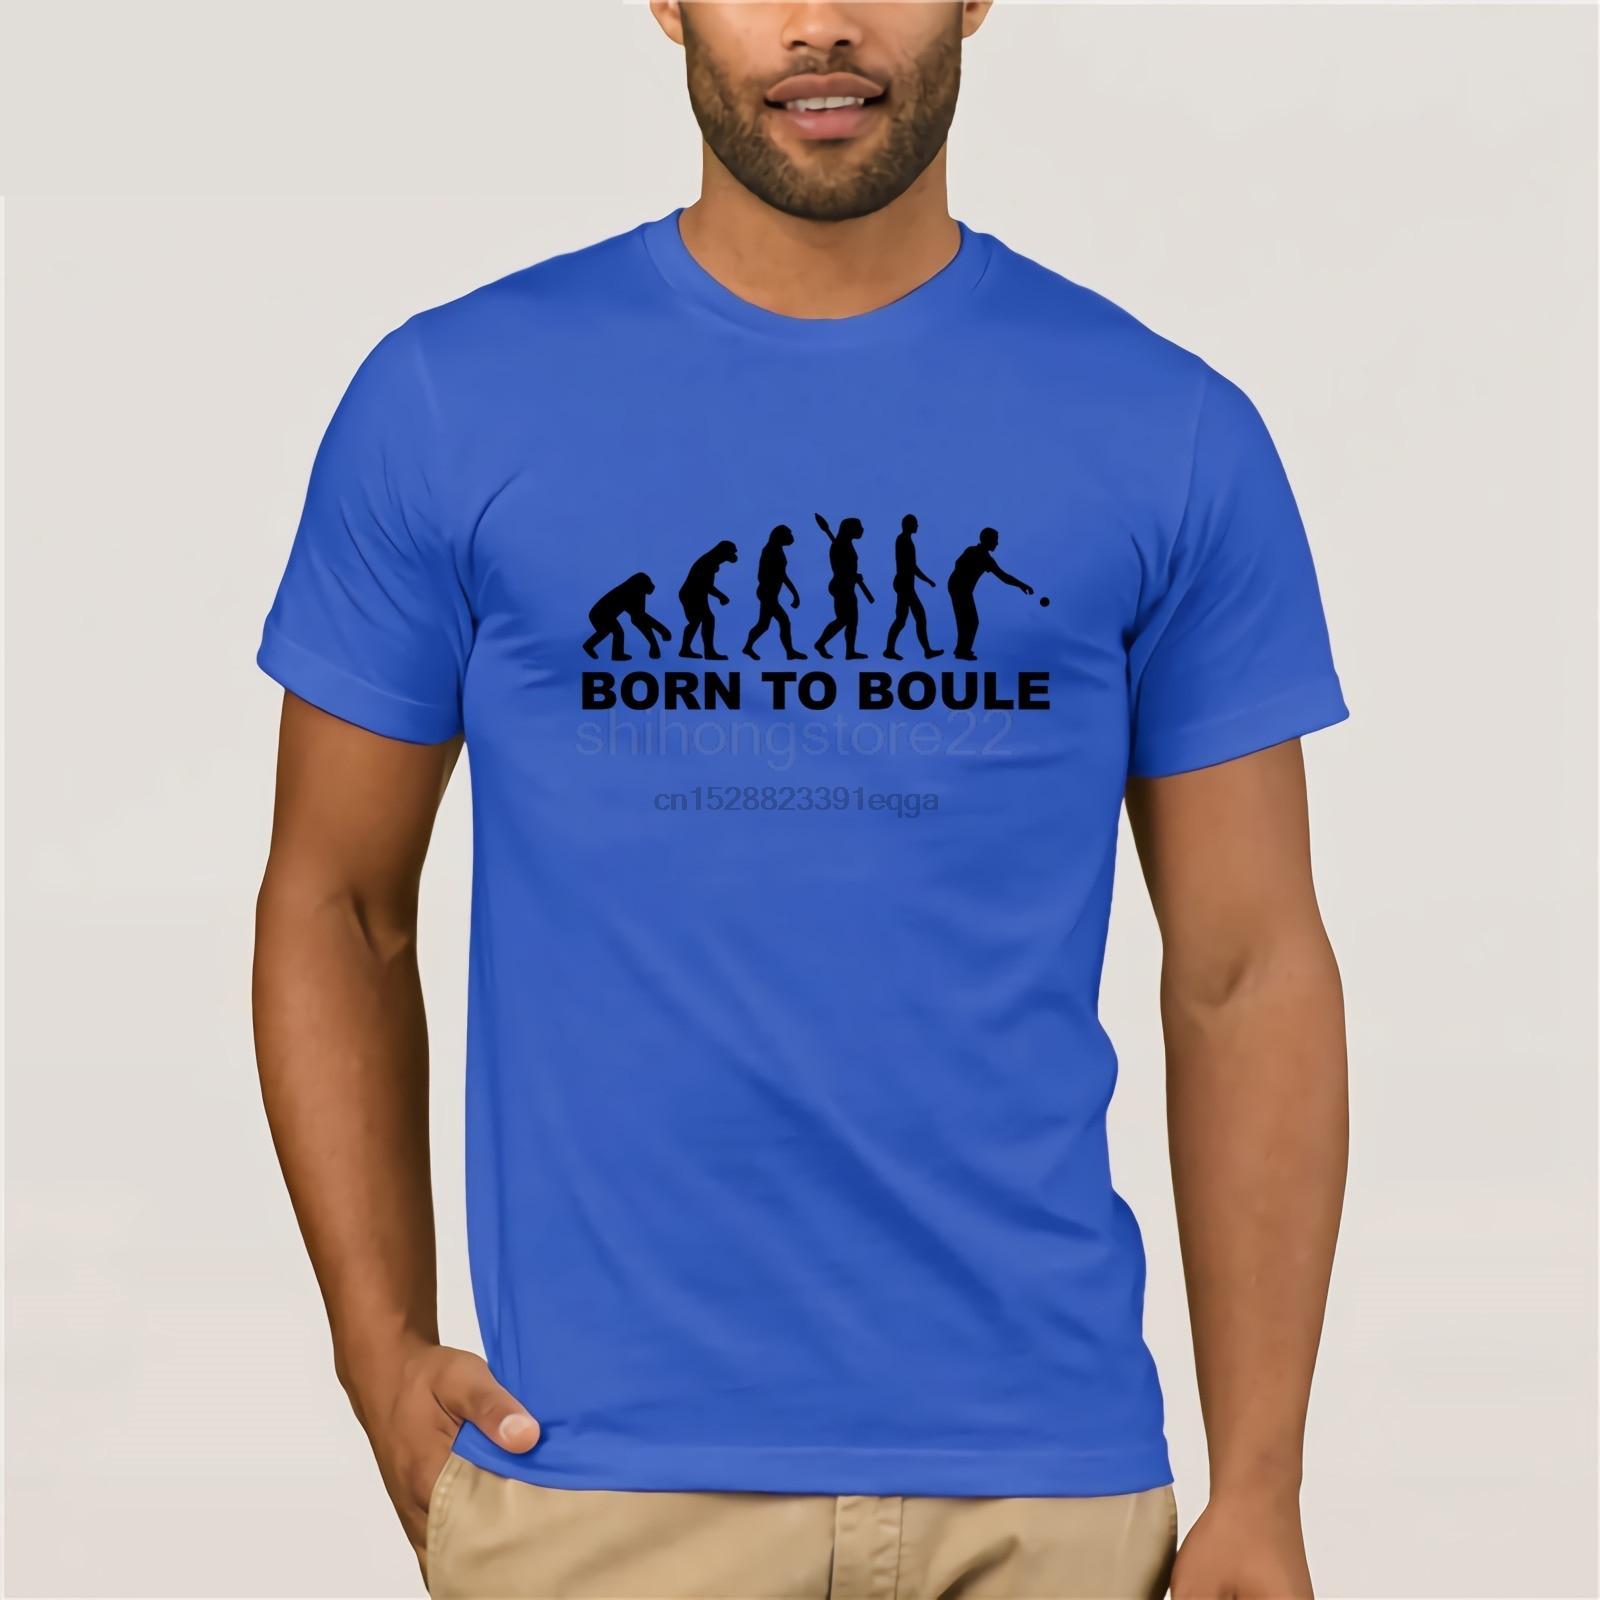 Evolution de Petanque T-shirt personnalisé cadeau drôle de singe à l'homme Humour New T-shirts drôle Tops T New Tops drôles unisexe